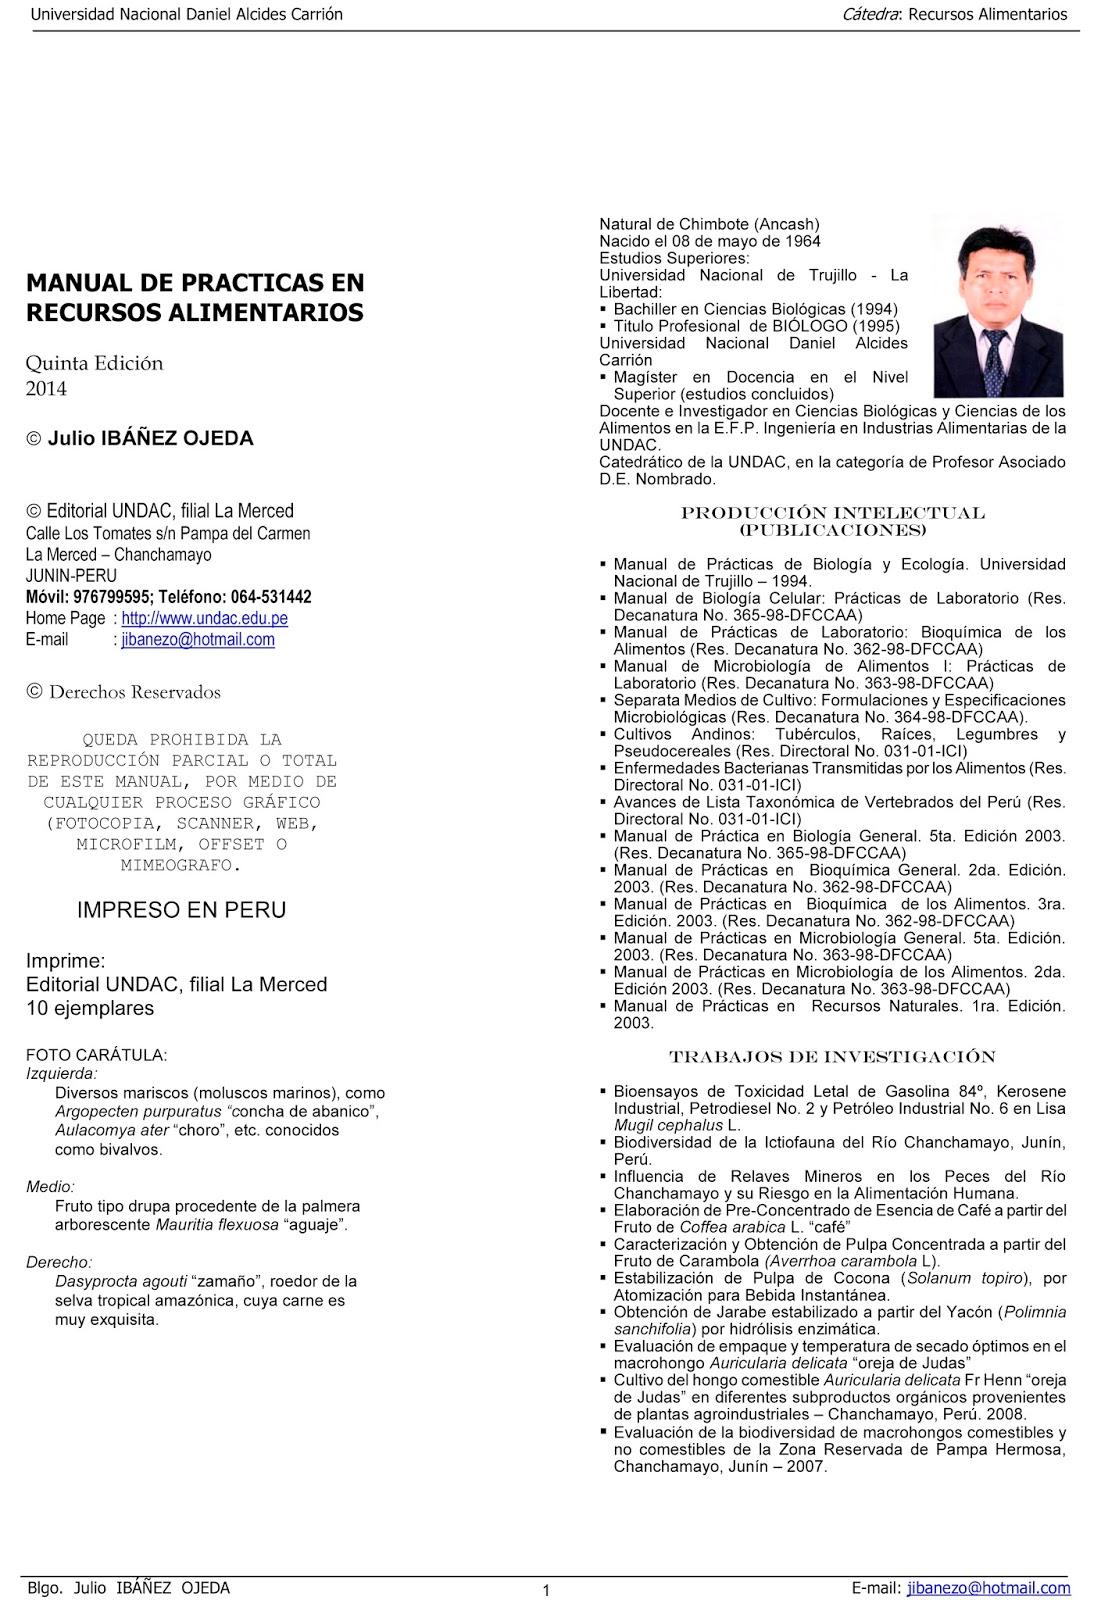 MANUALES DE PRACTICAS DE LABORATORIOS: Manual de Practicas